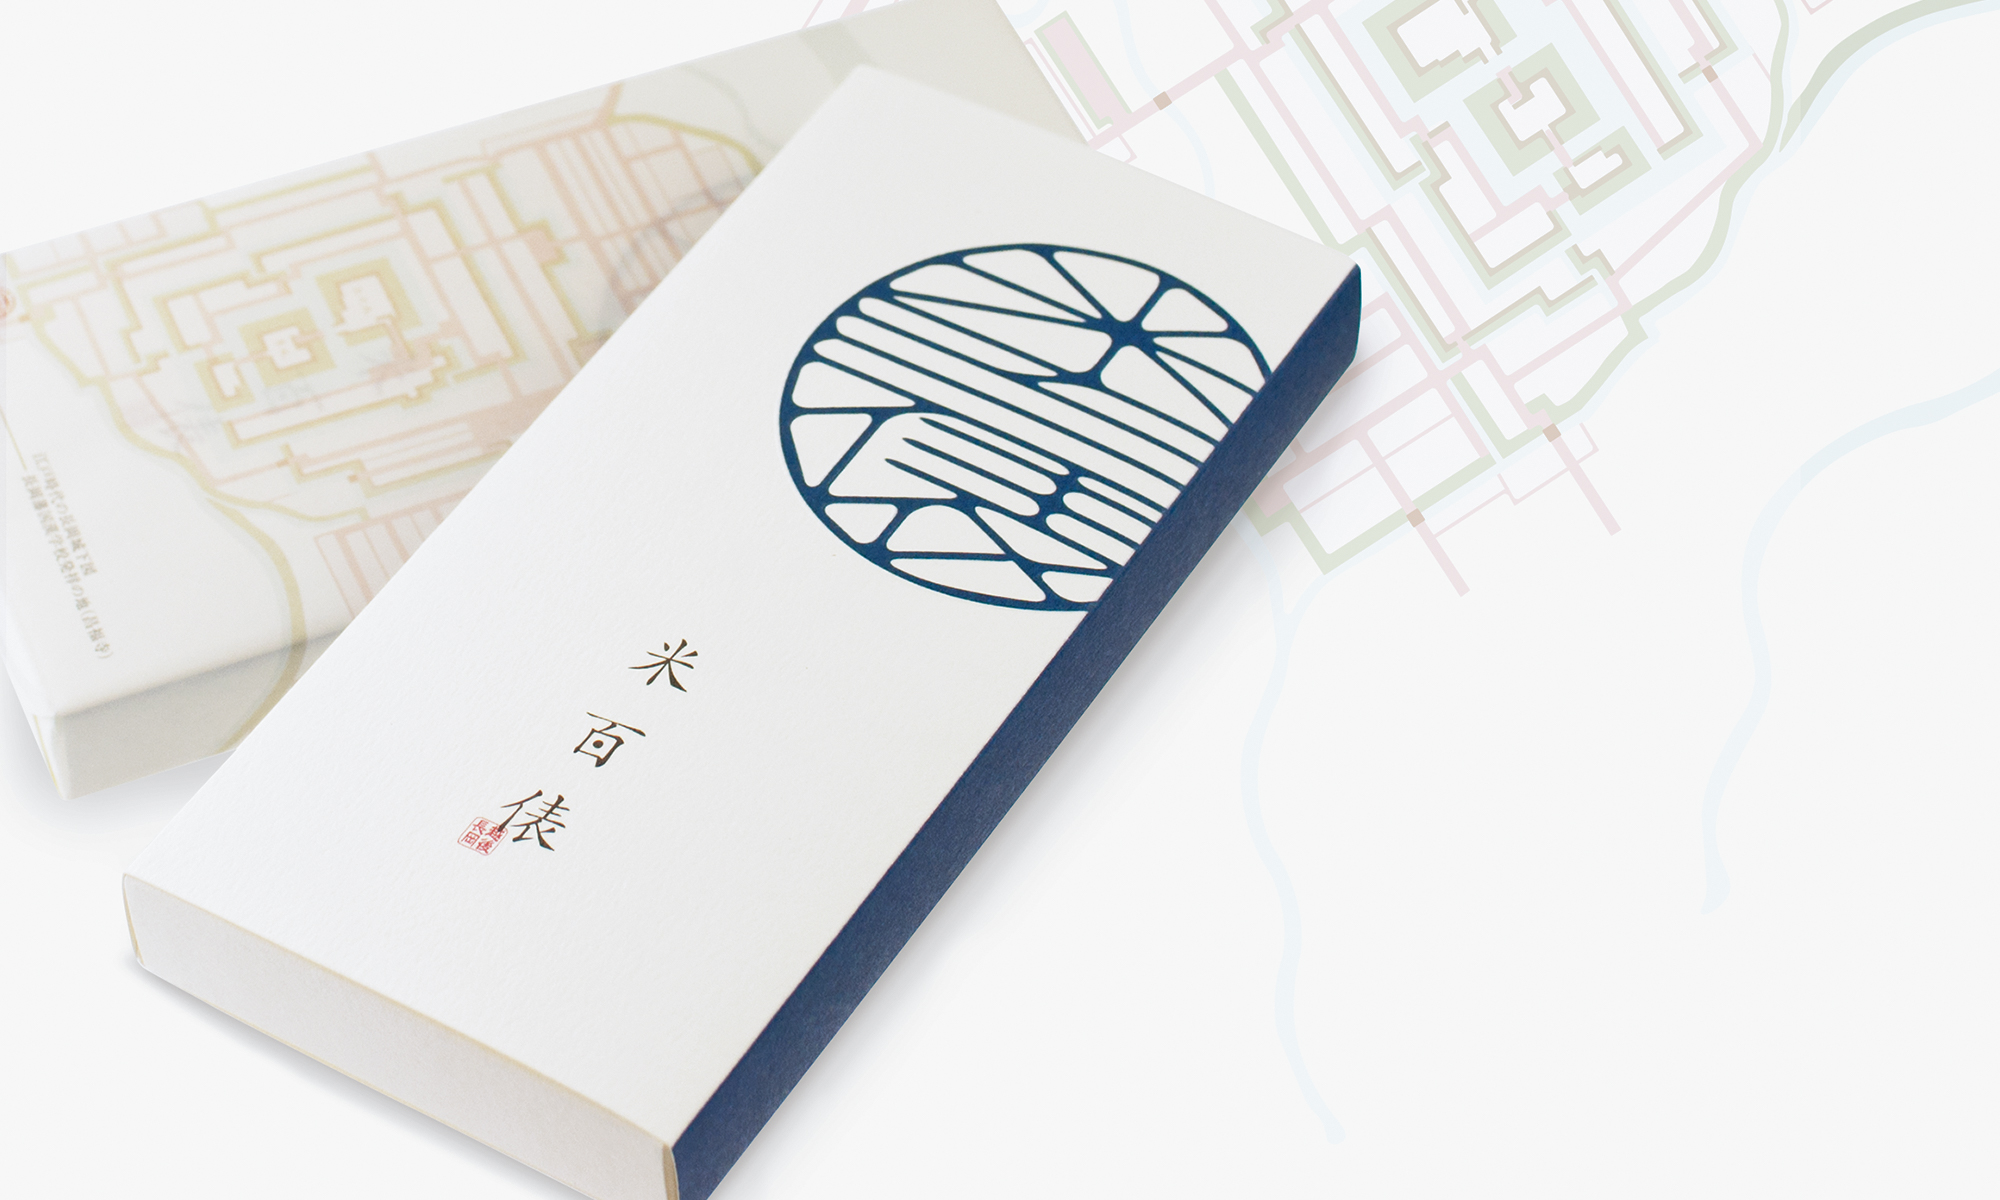 瑞花「米百俵」パッケージ、包装紙